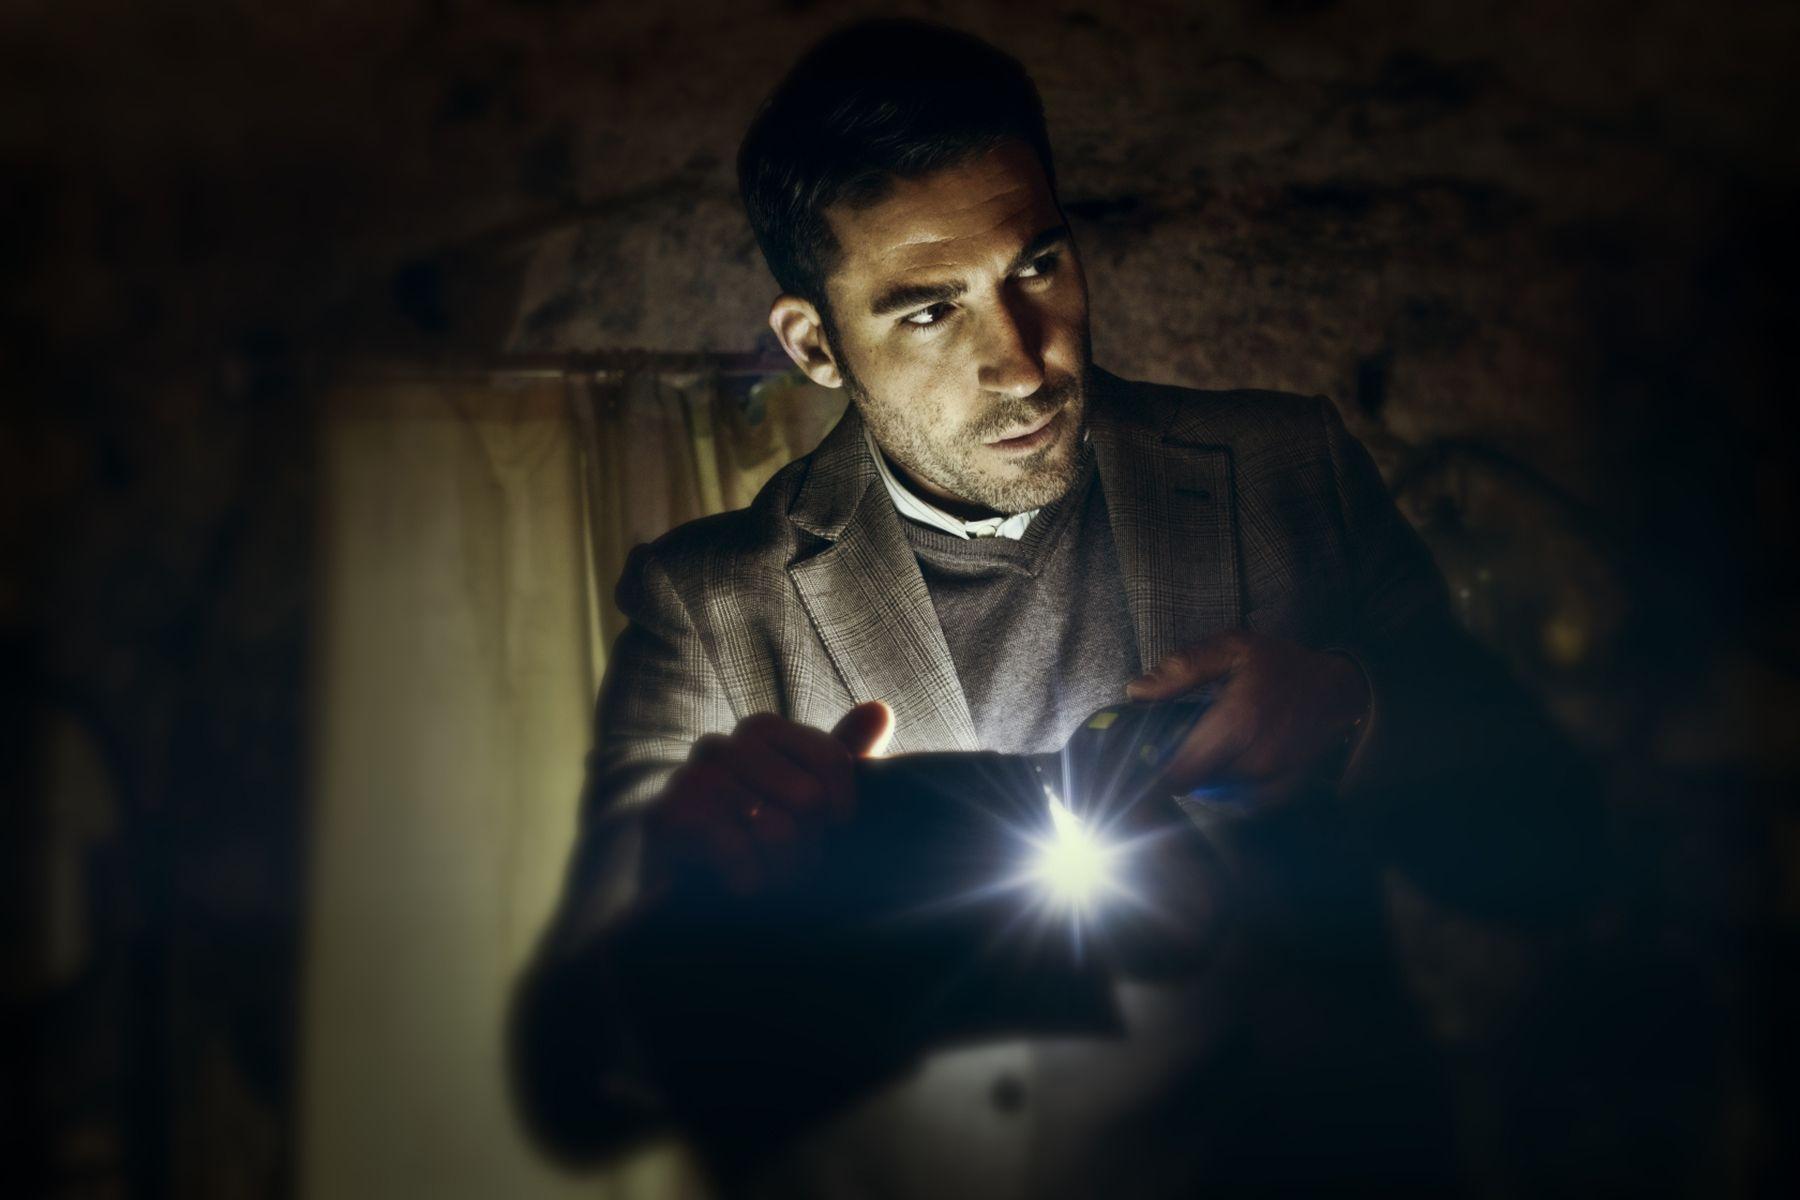 Miguel Ángel Silvestre en una escena de '30 monedas', la serie de Alex de la Iglesia para HBO España